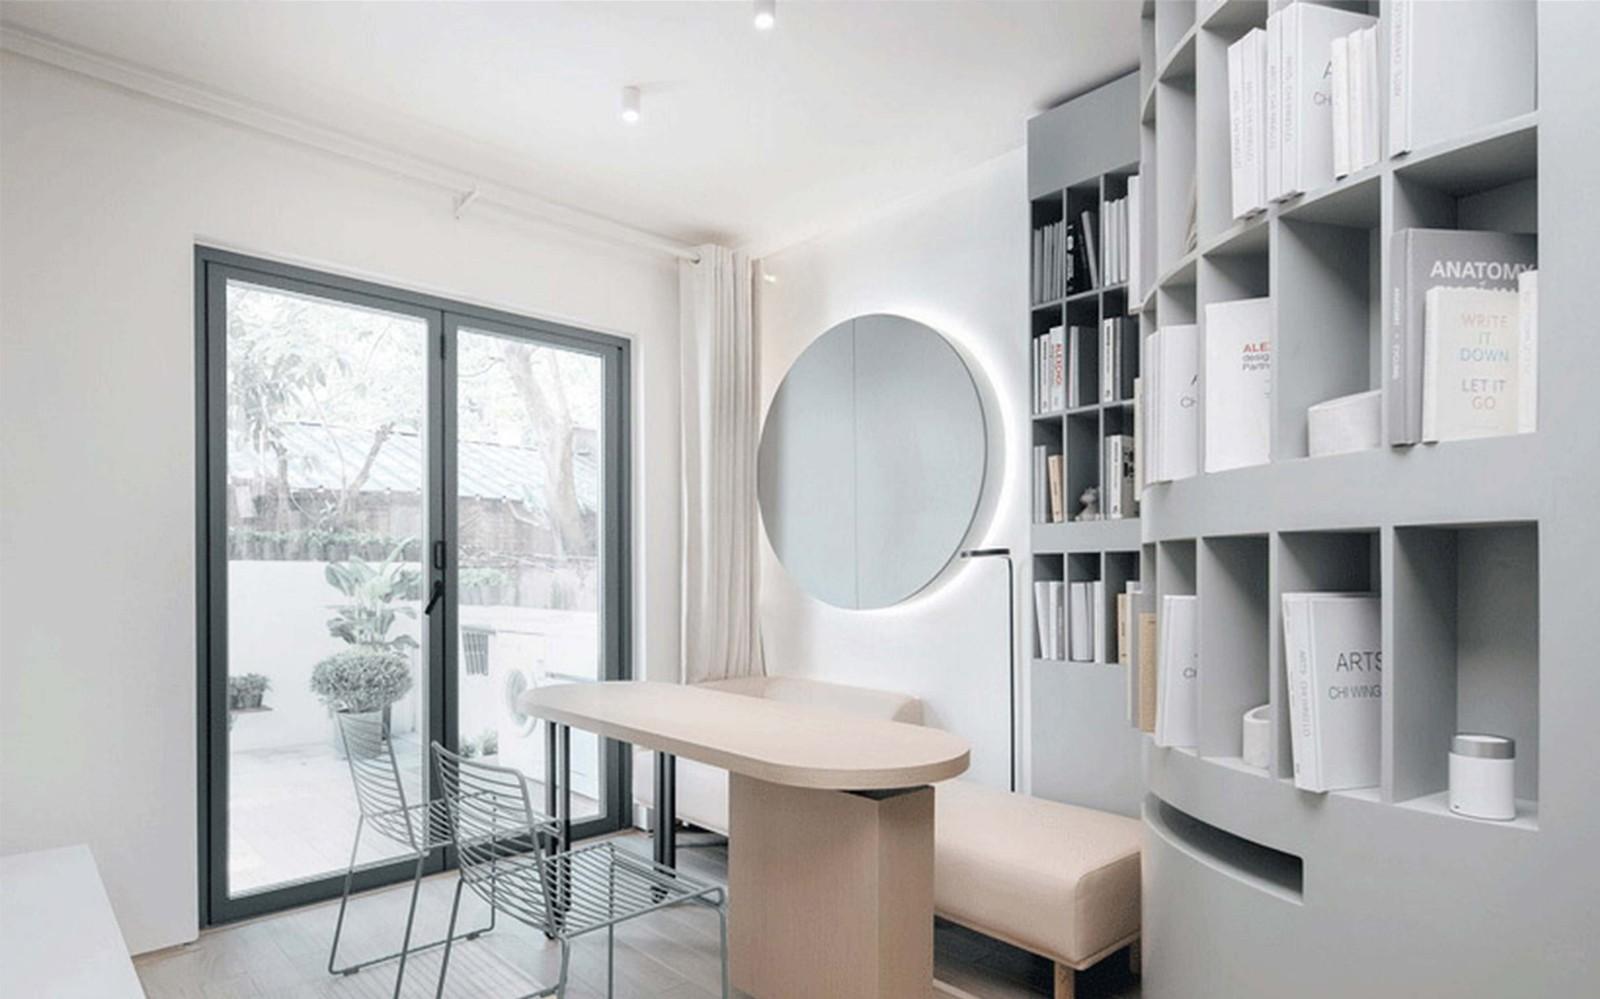 2019北歐60平米以下裝修效果圖大全 2019北歐二居室裝修設計